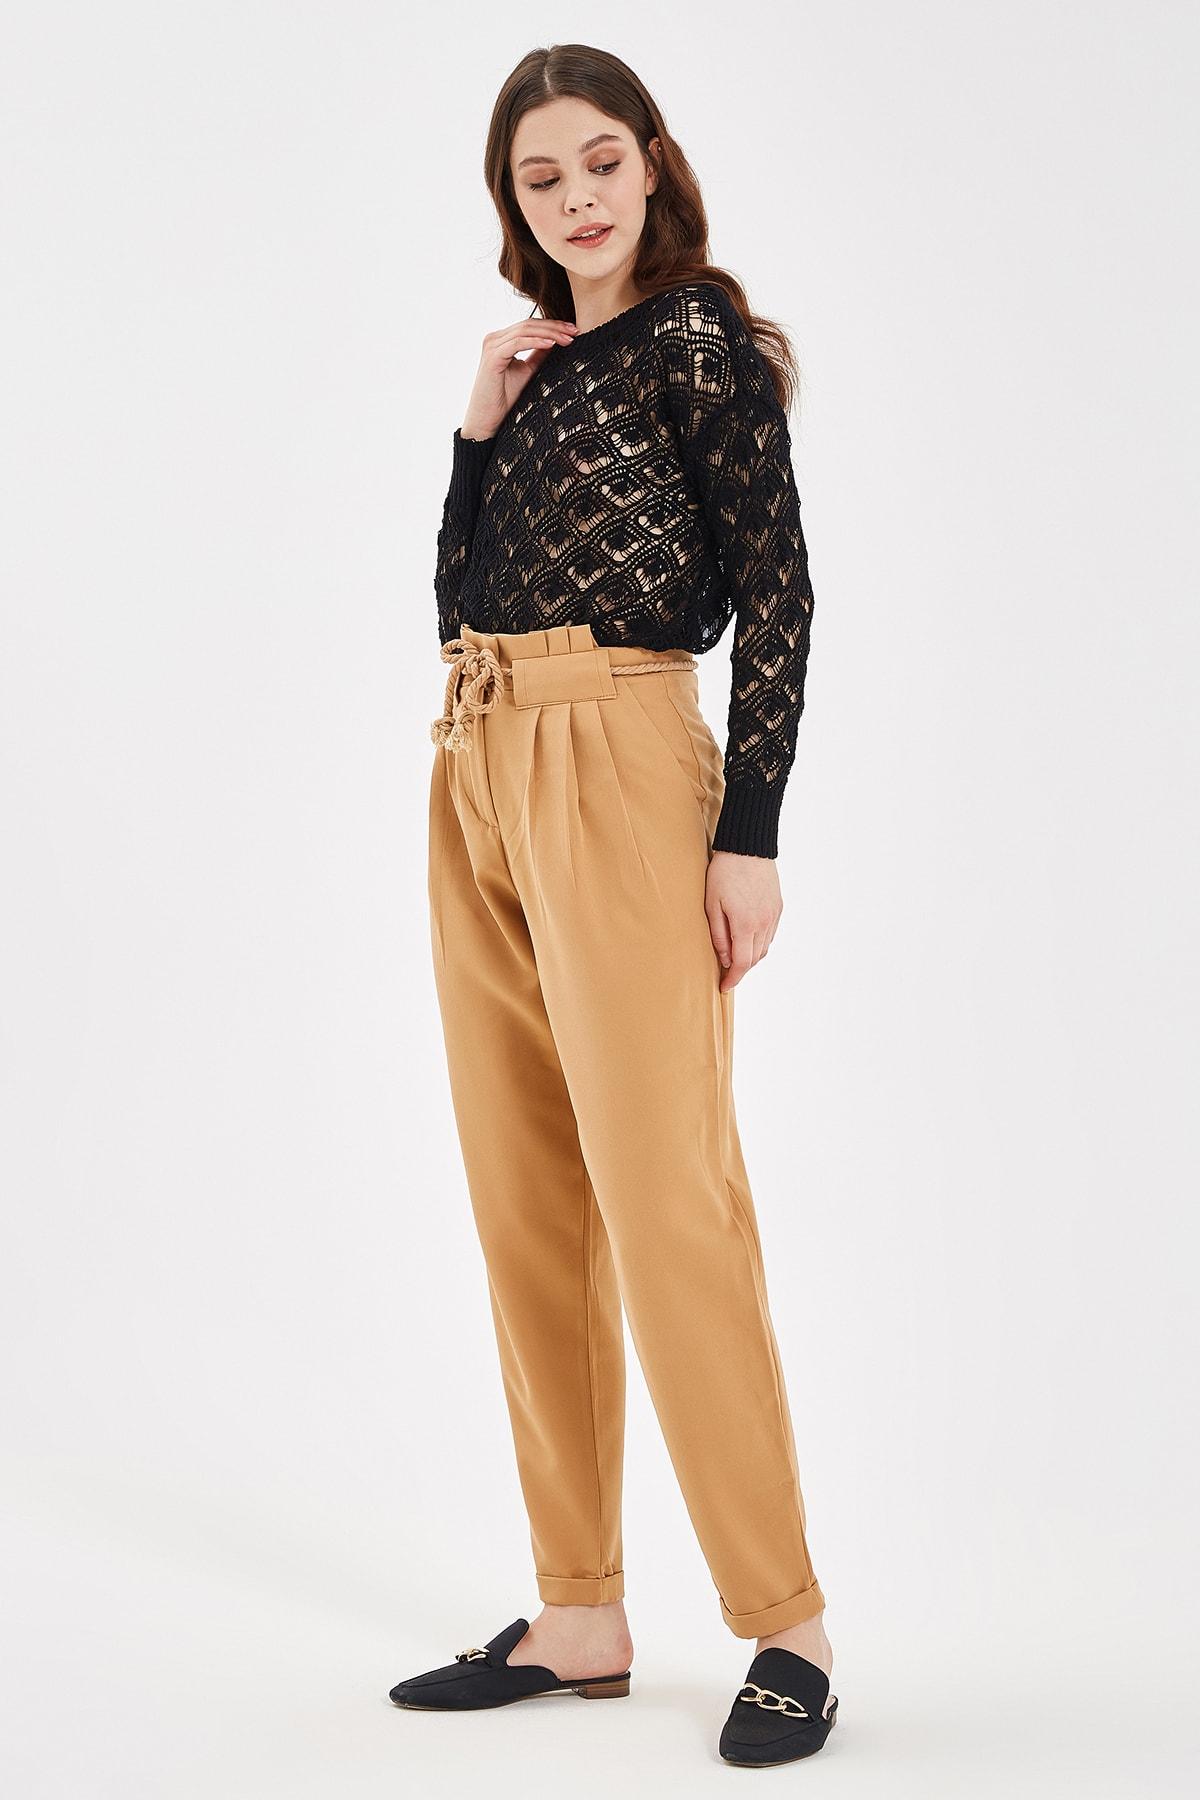 Nisan Triko Bisküvi Bağlama Detaylı Pantolon 2